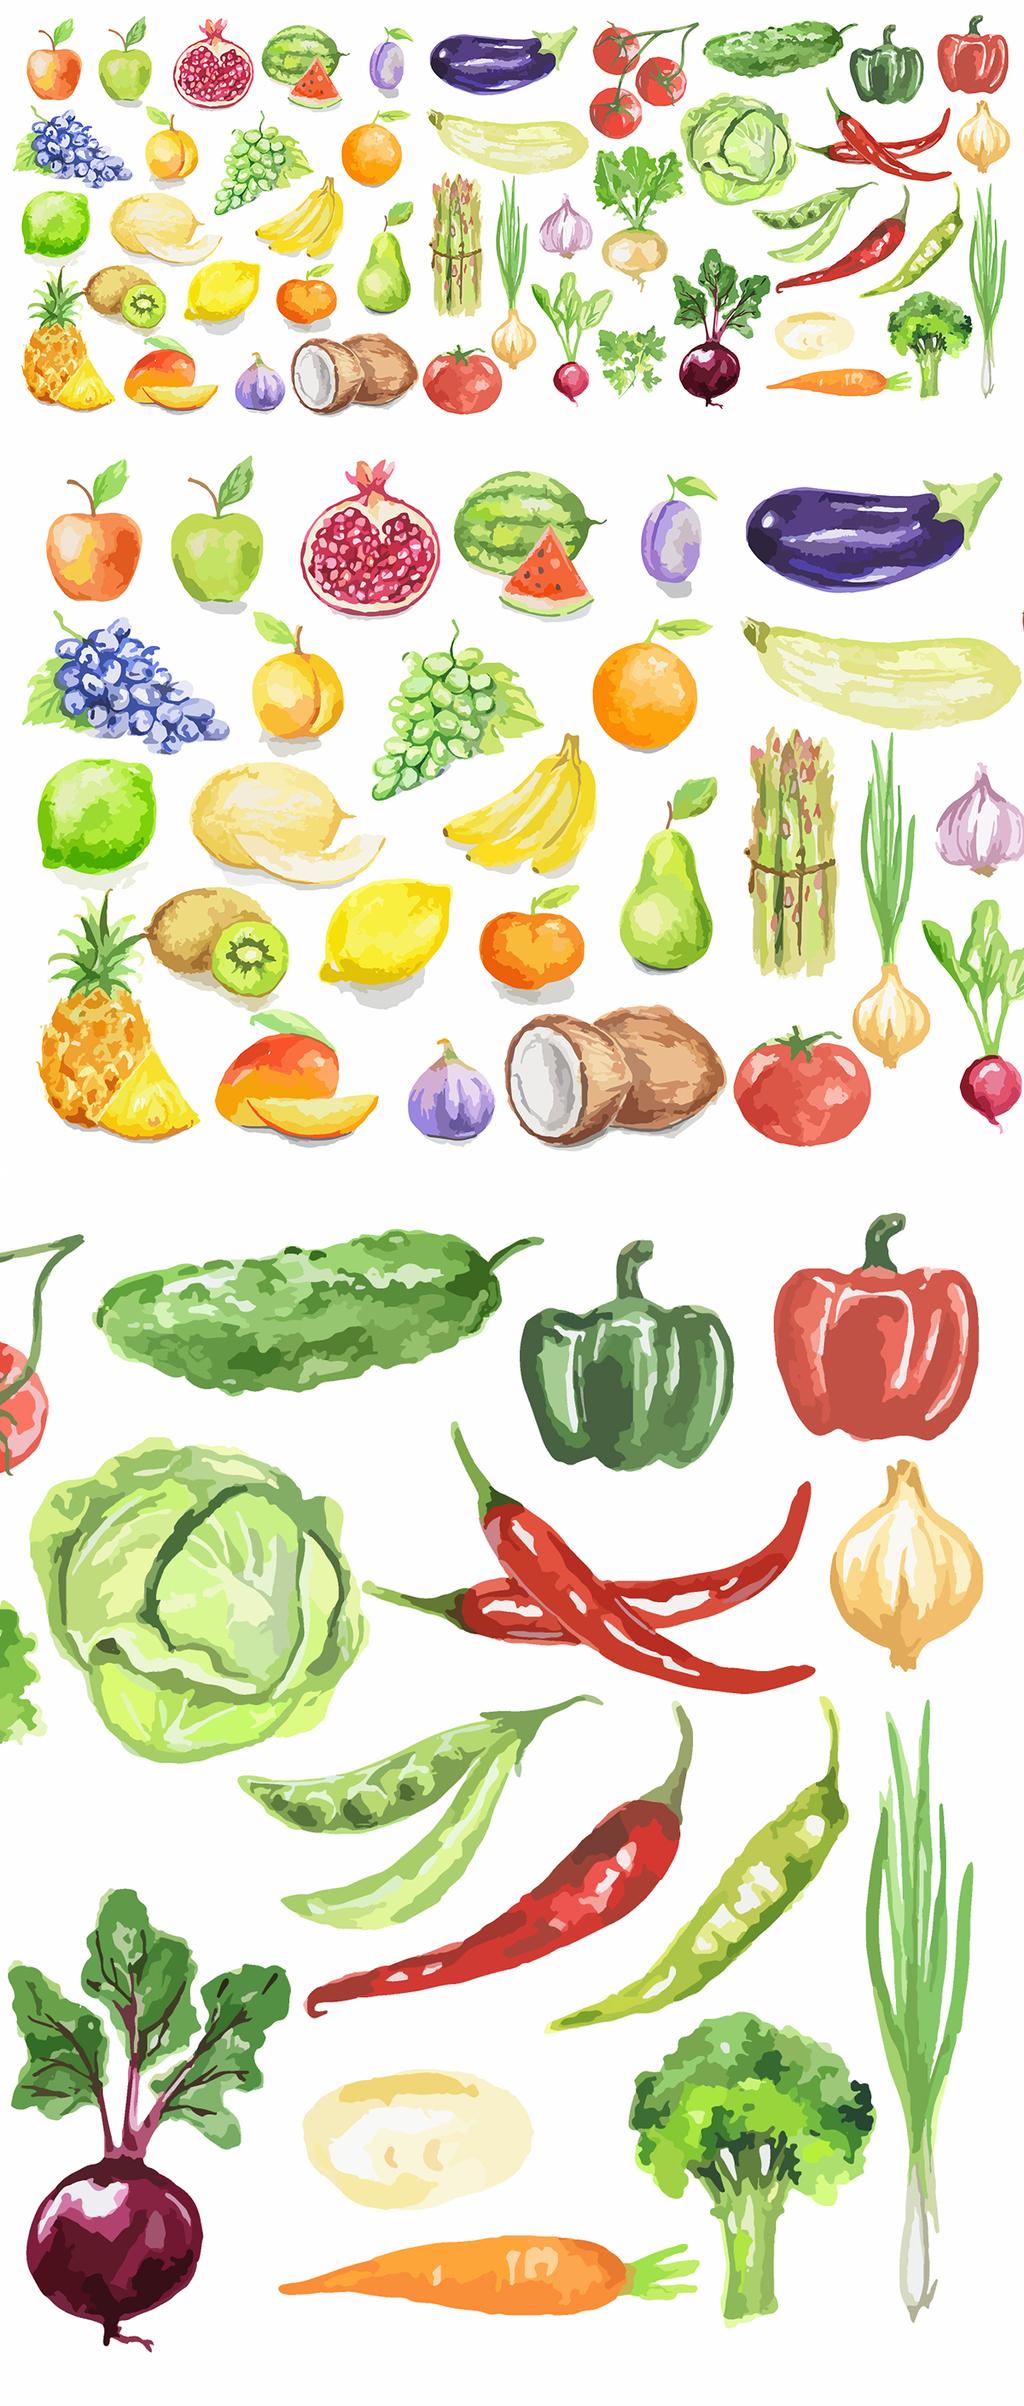 原创设计水彩晕染手绘水果蔬菜矢